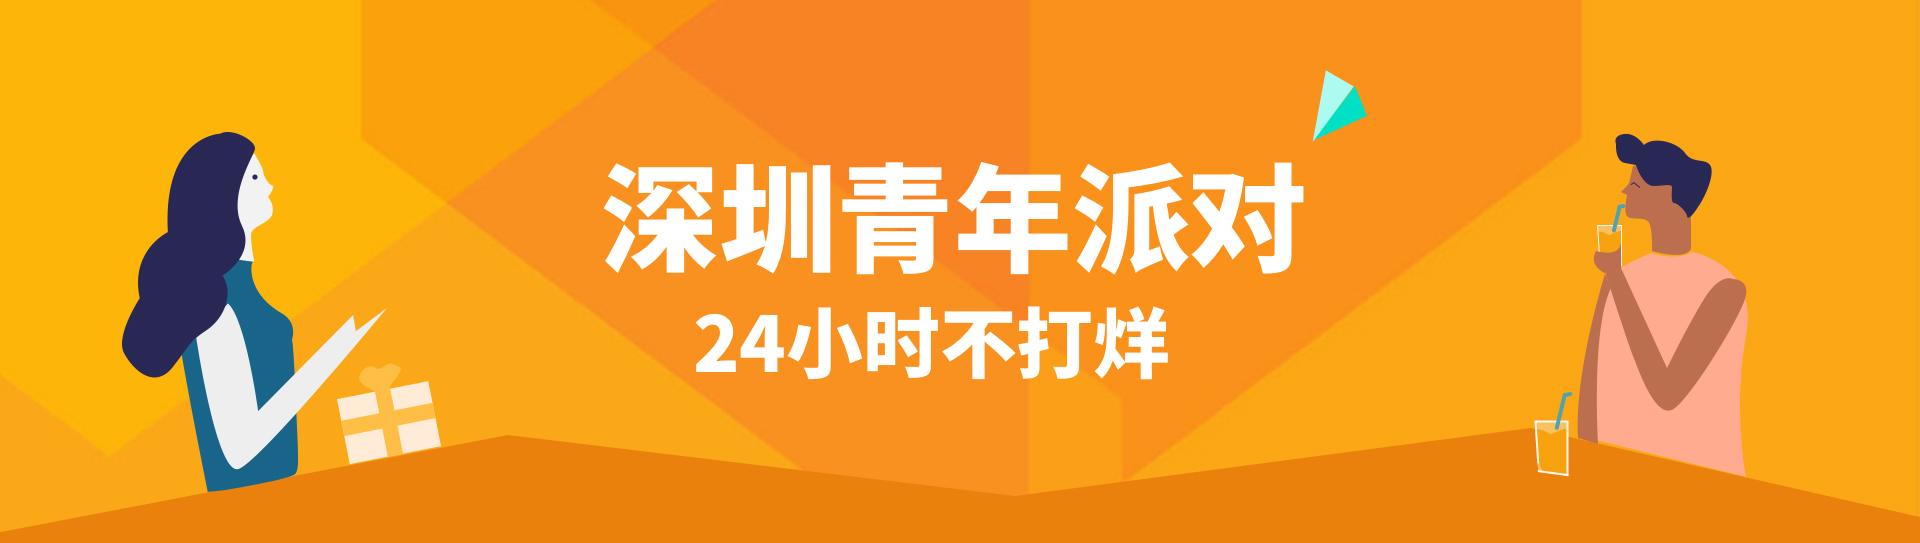 24小时不打烊深圳青年派对